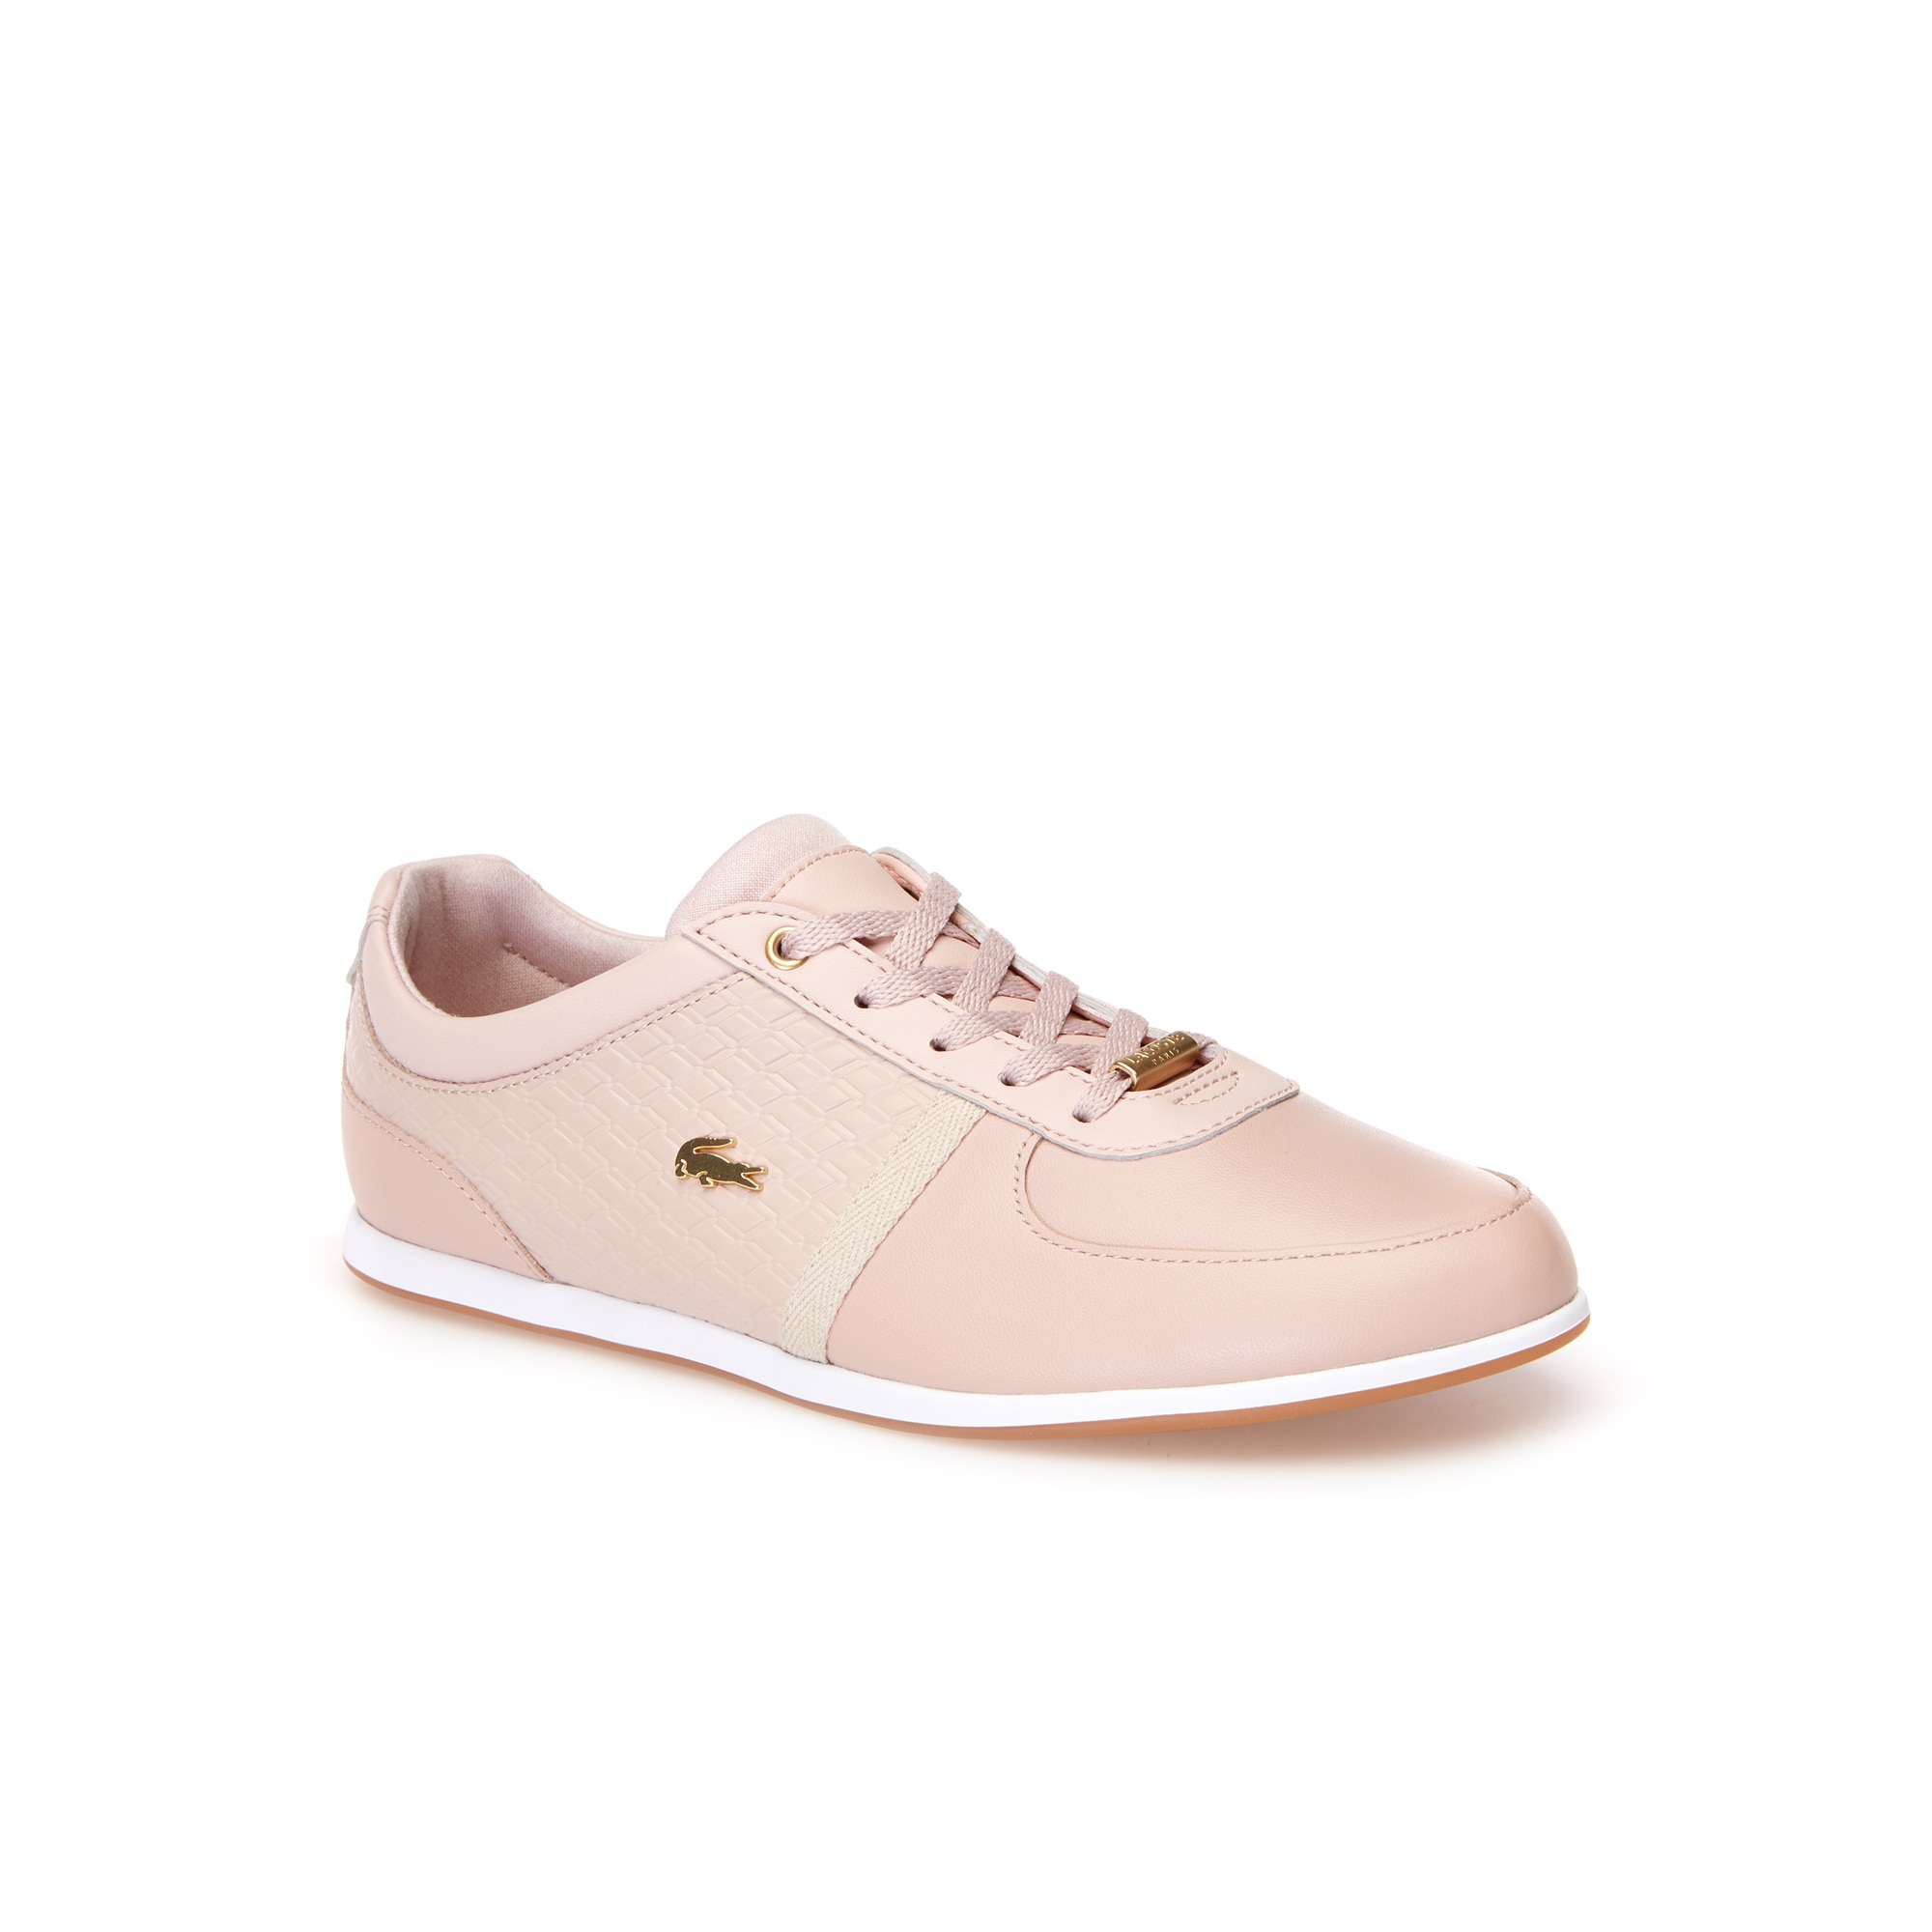 pretty nice 5540e 22931 Schuhe | Preview | LACOSTE